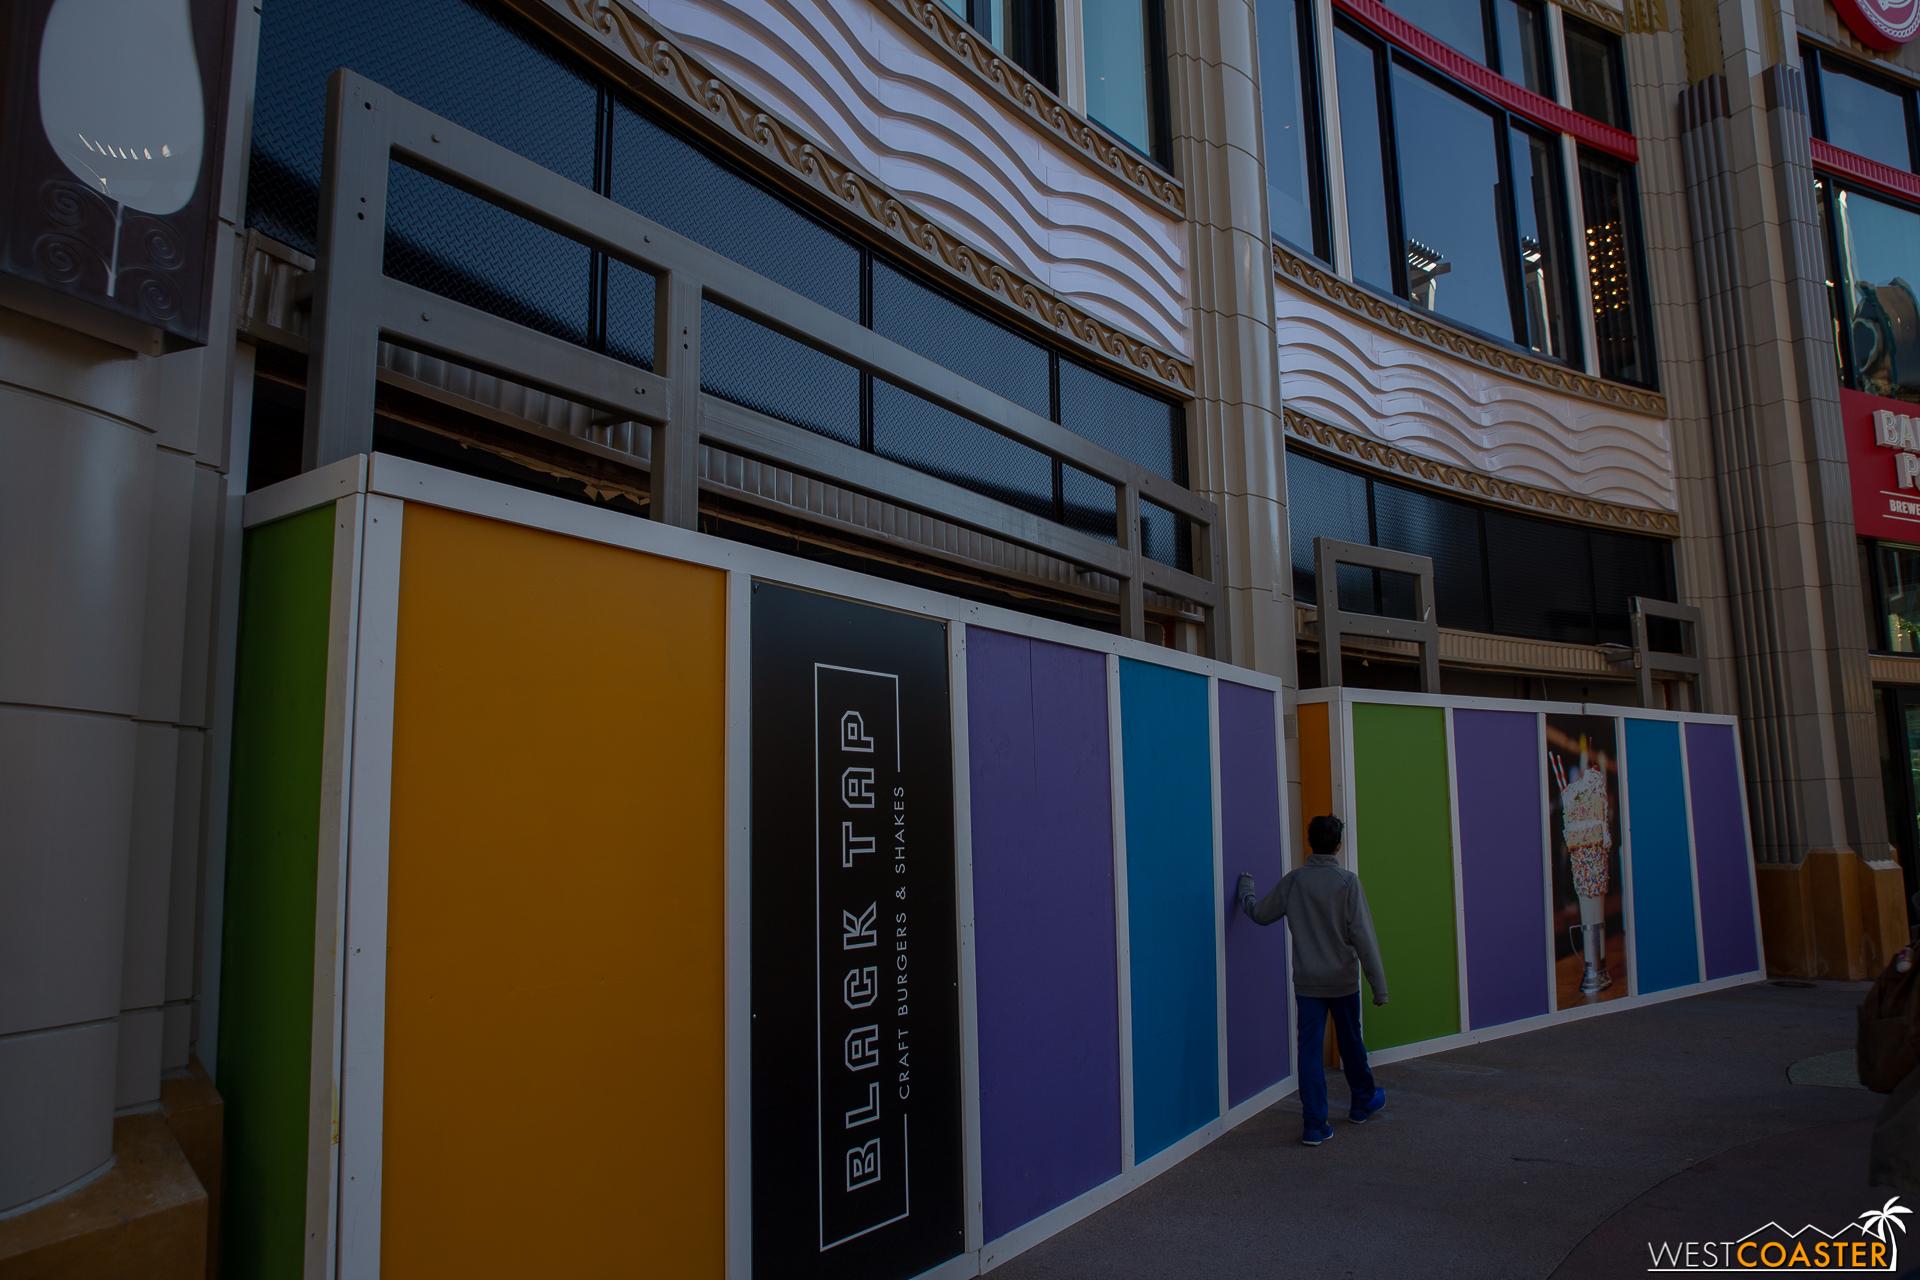 Westcoaster Disneyland Update 2-19-73.jpg